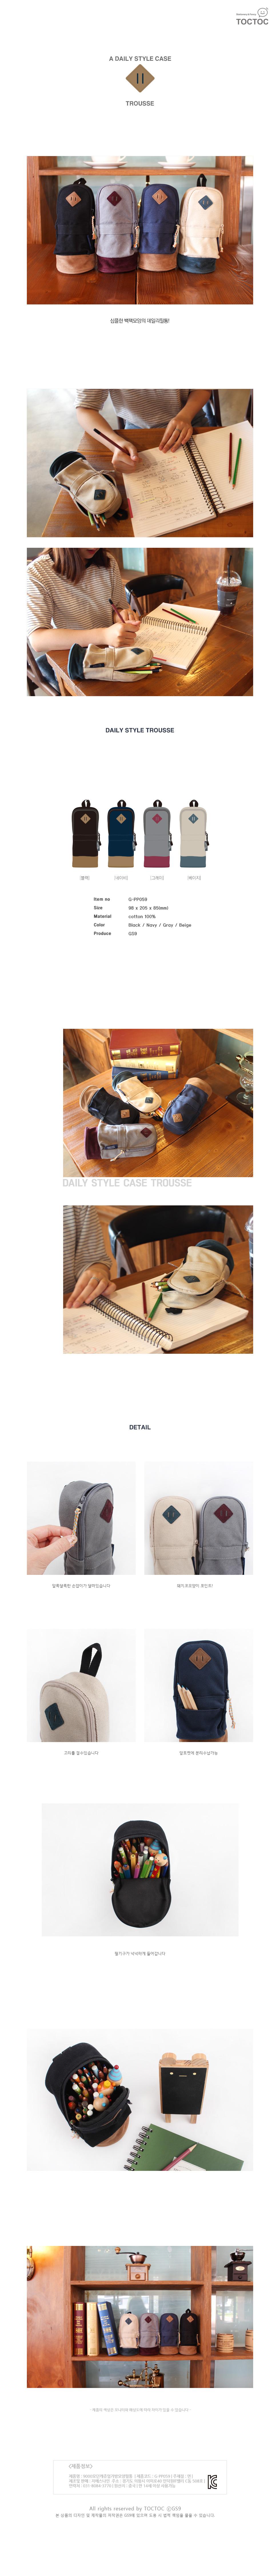 9000 모던캐주얼 가방모양필통 - 톡톡팬시, 9,000원, 패브릭필통, 심플